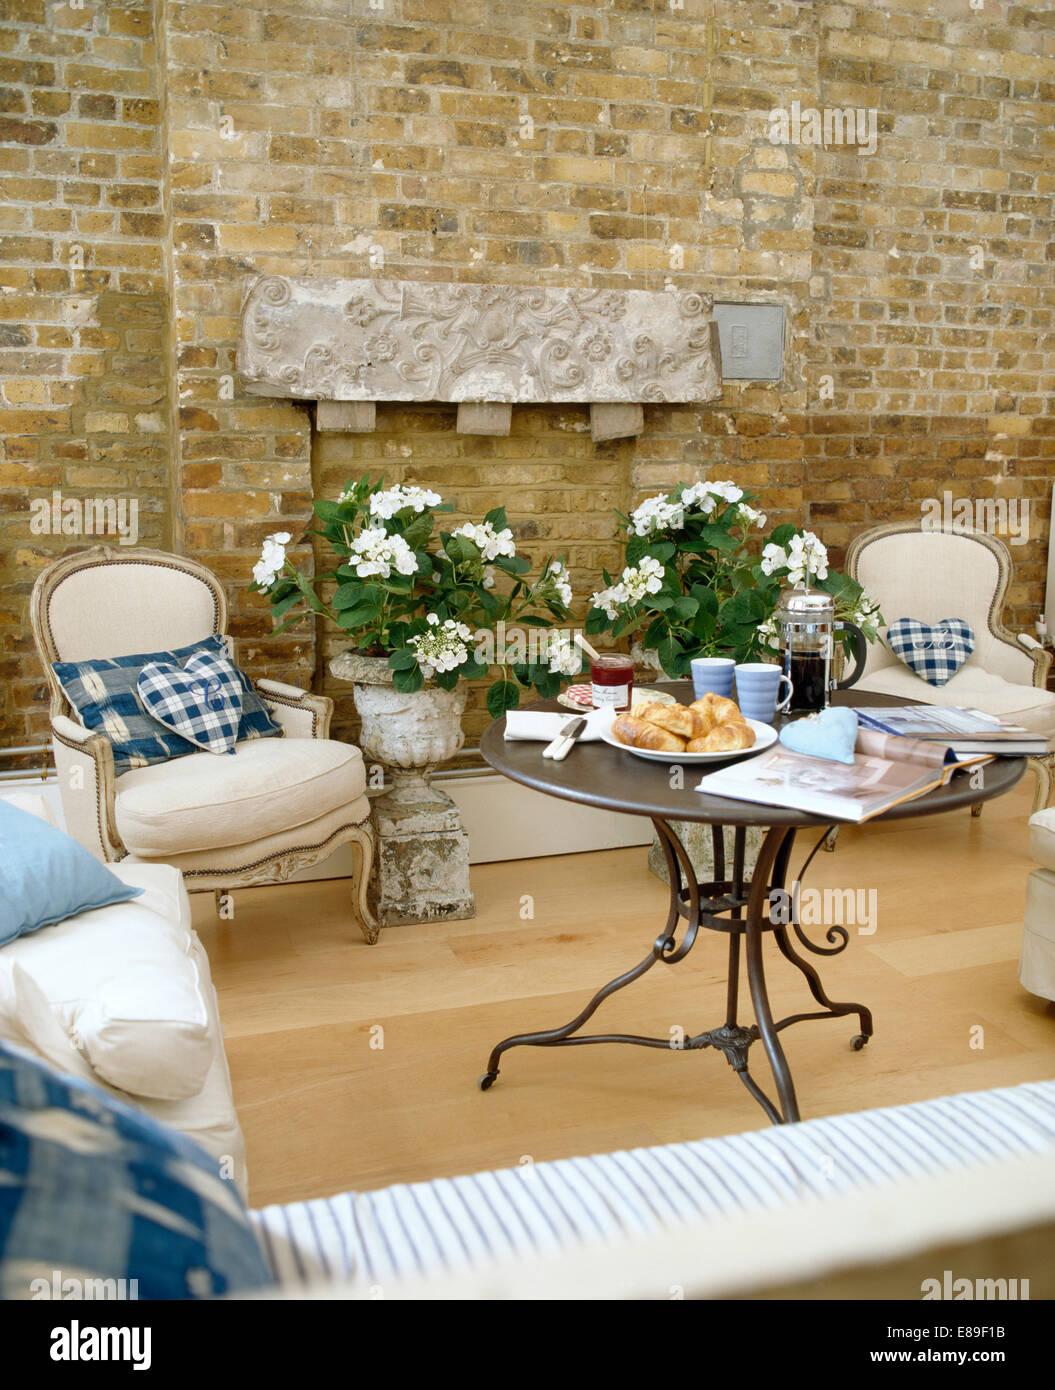 Creme französische Stil Stühle withy blau + weiß Kissen im ...